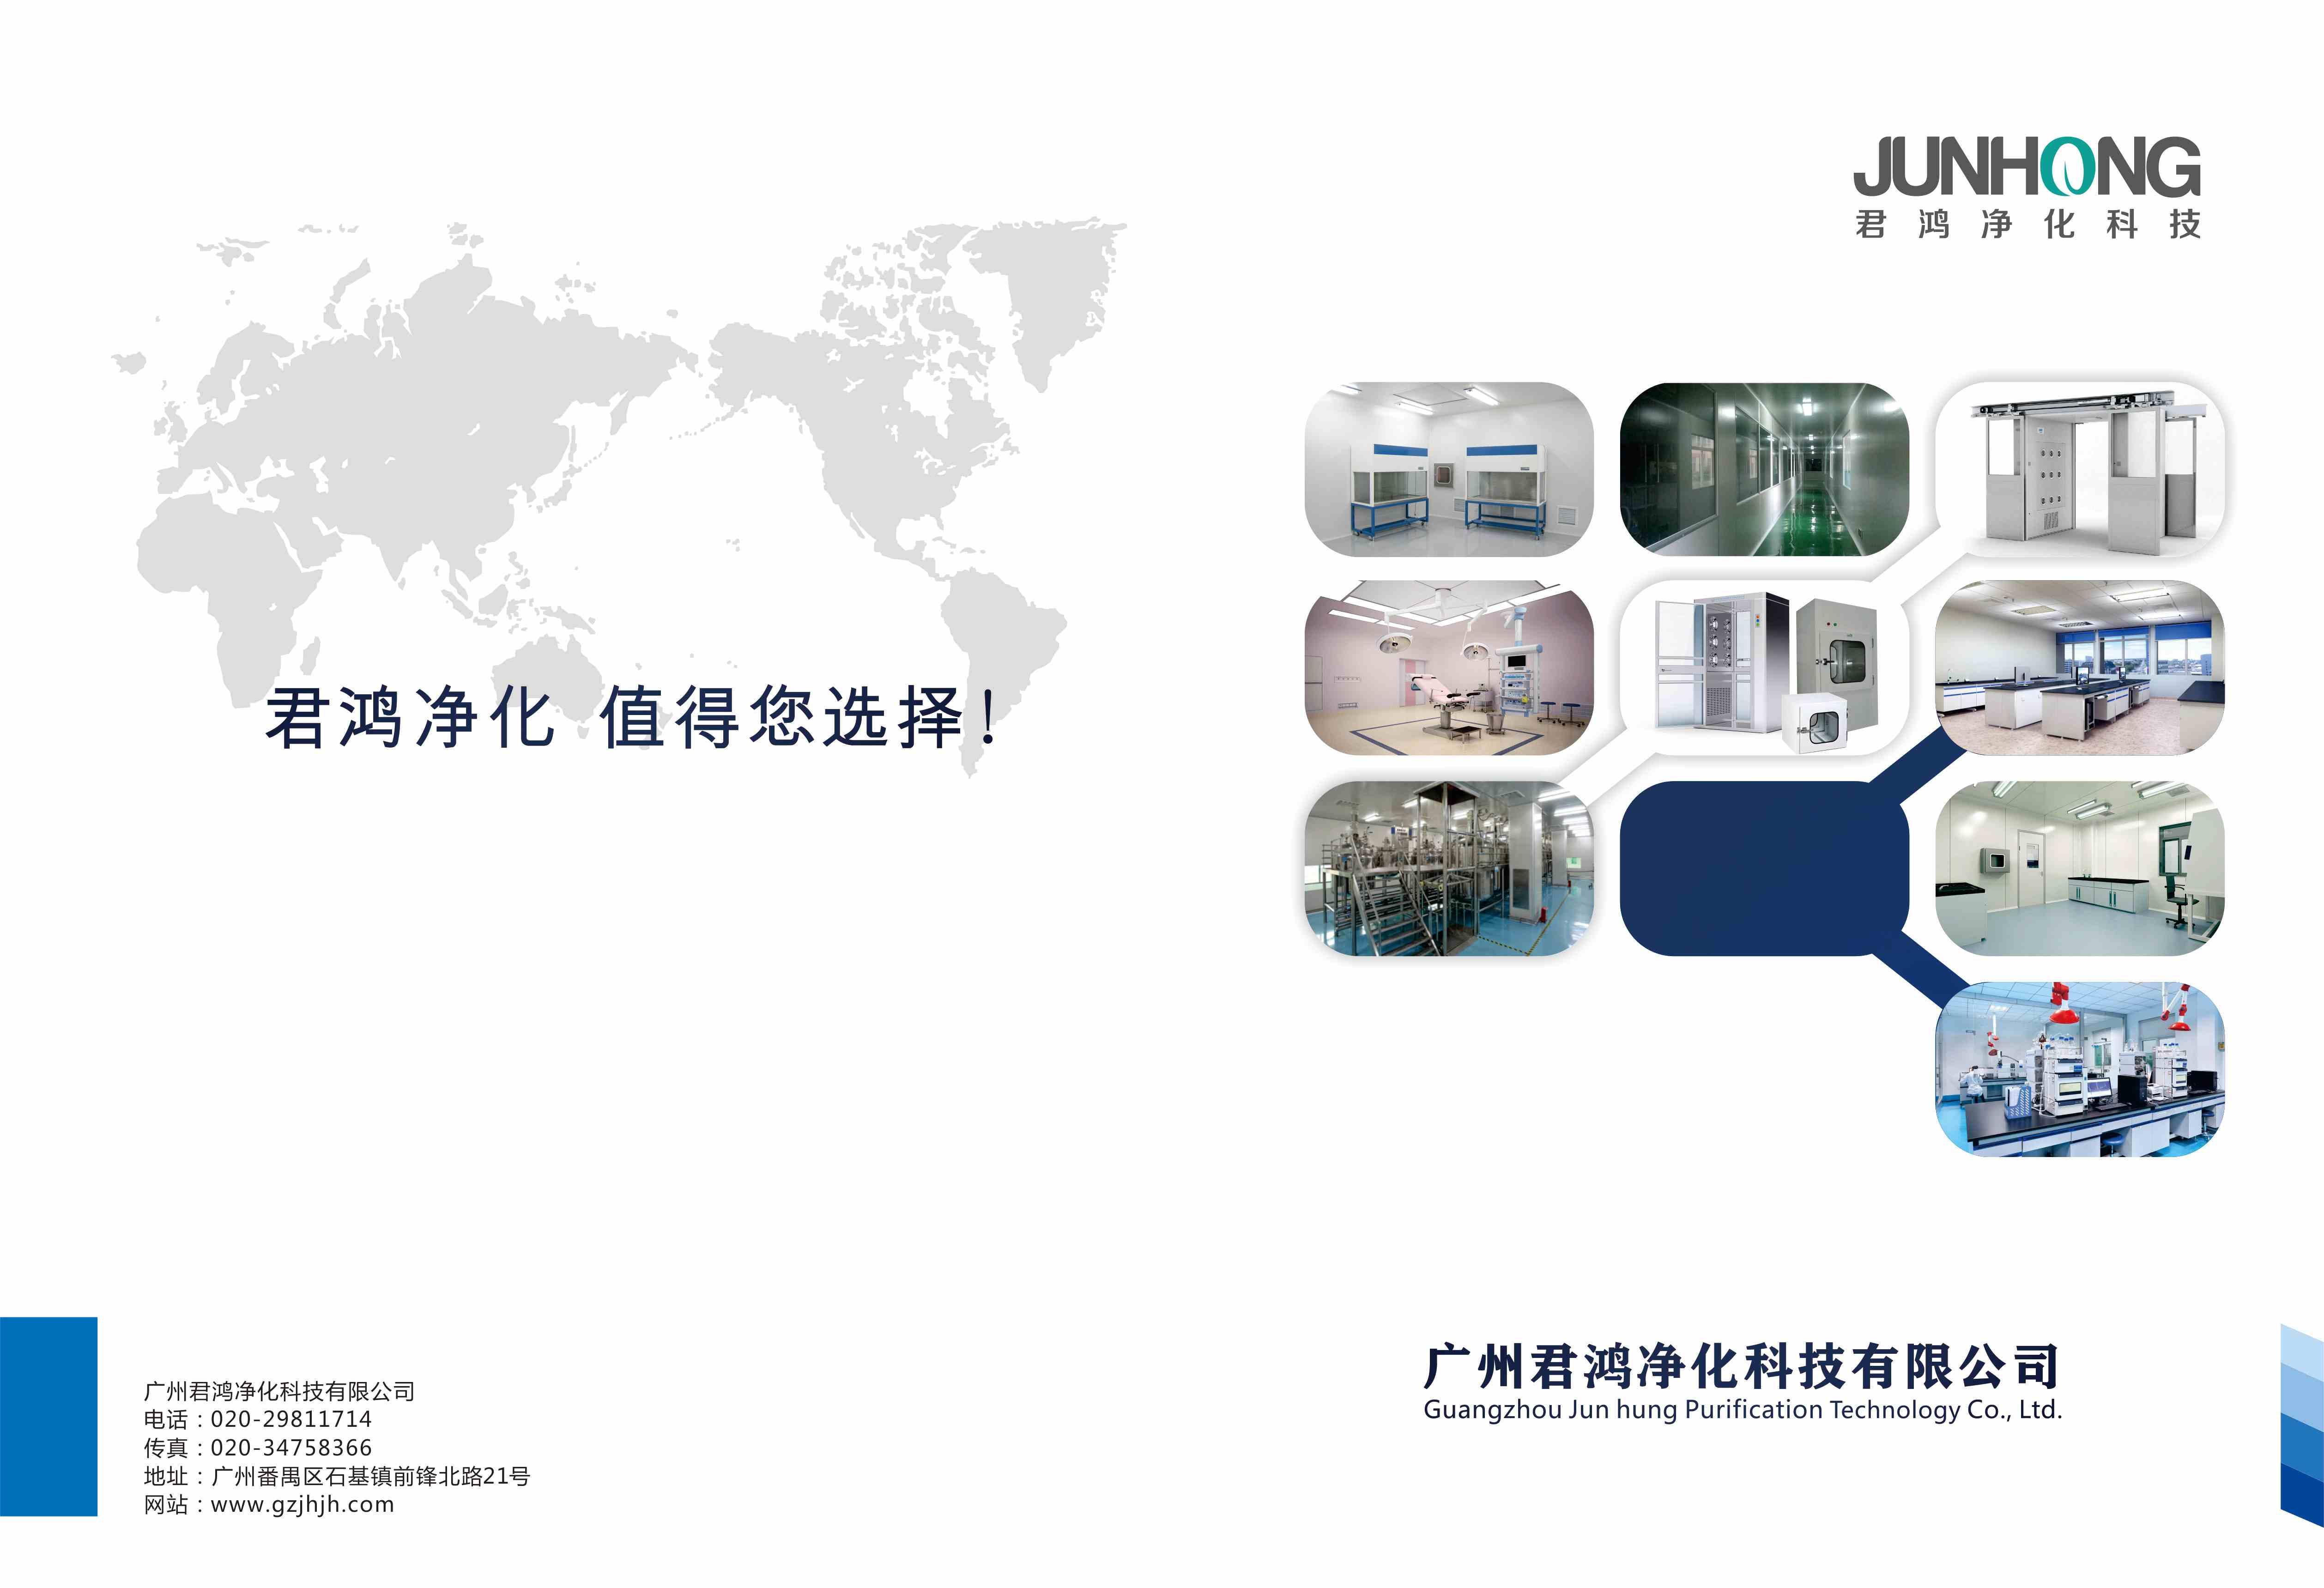 广州君鸿净化科技有限公司画册